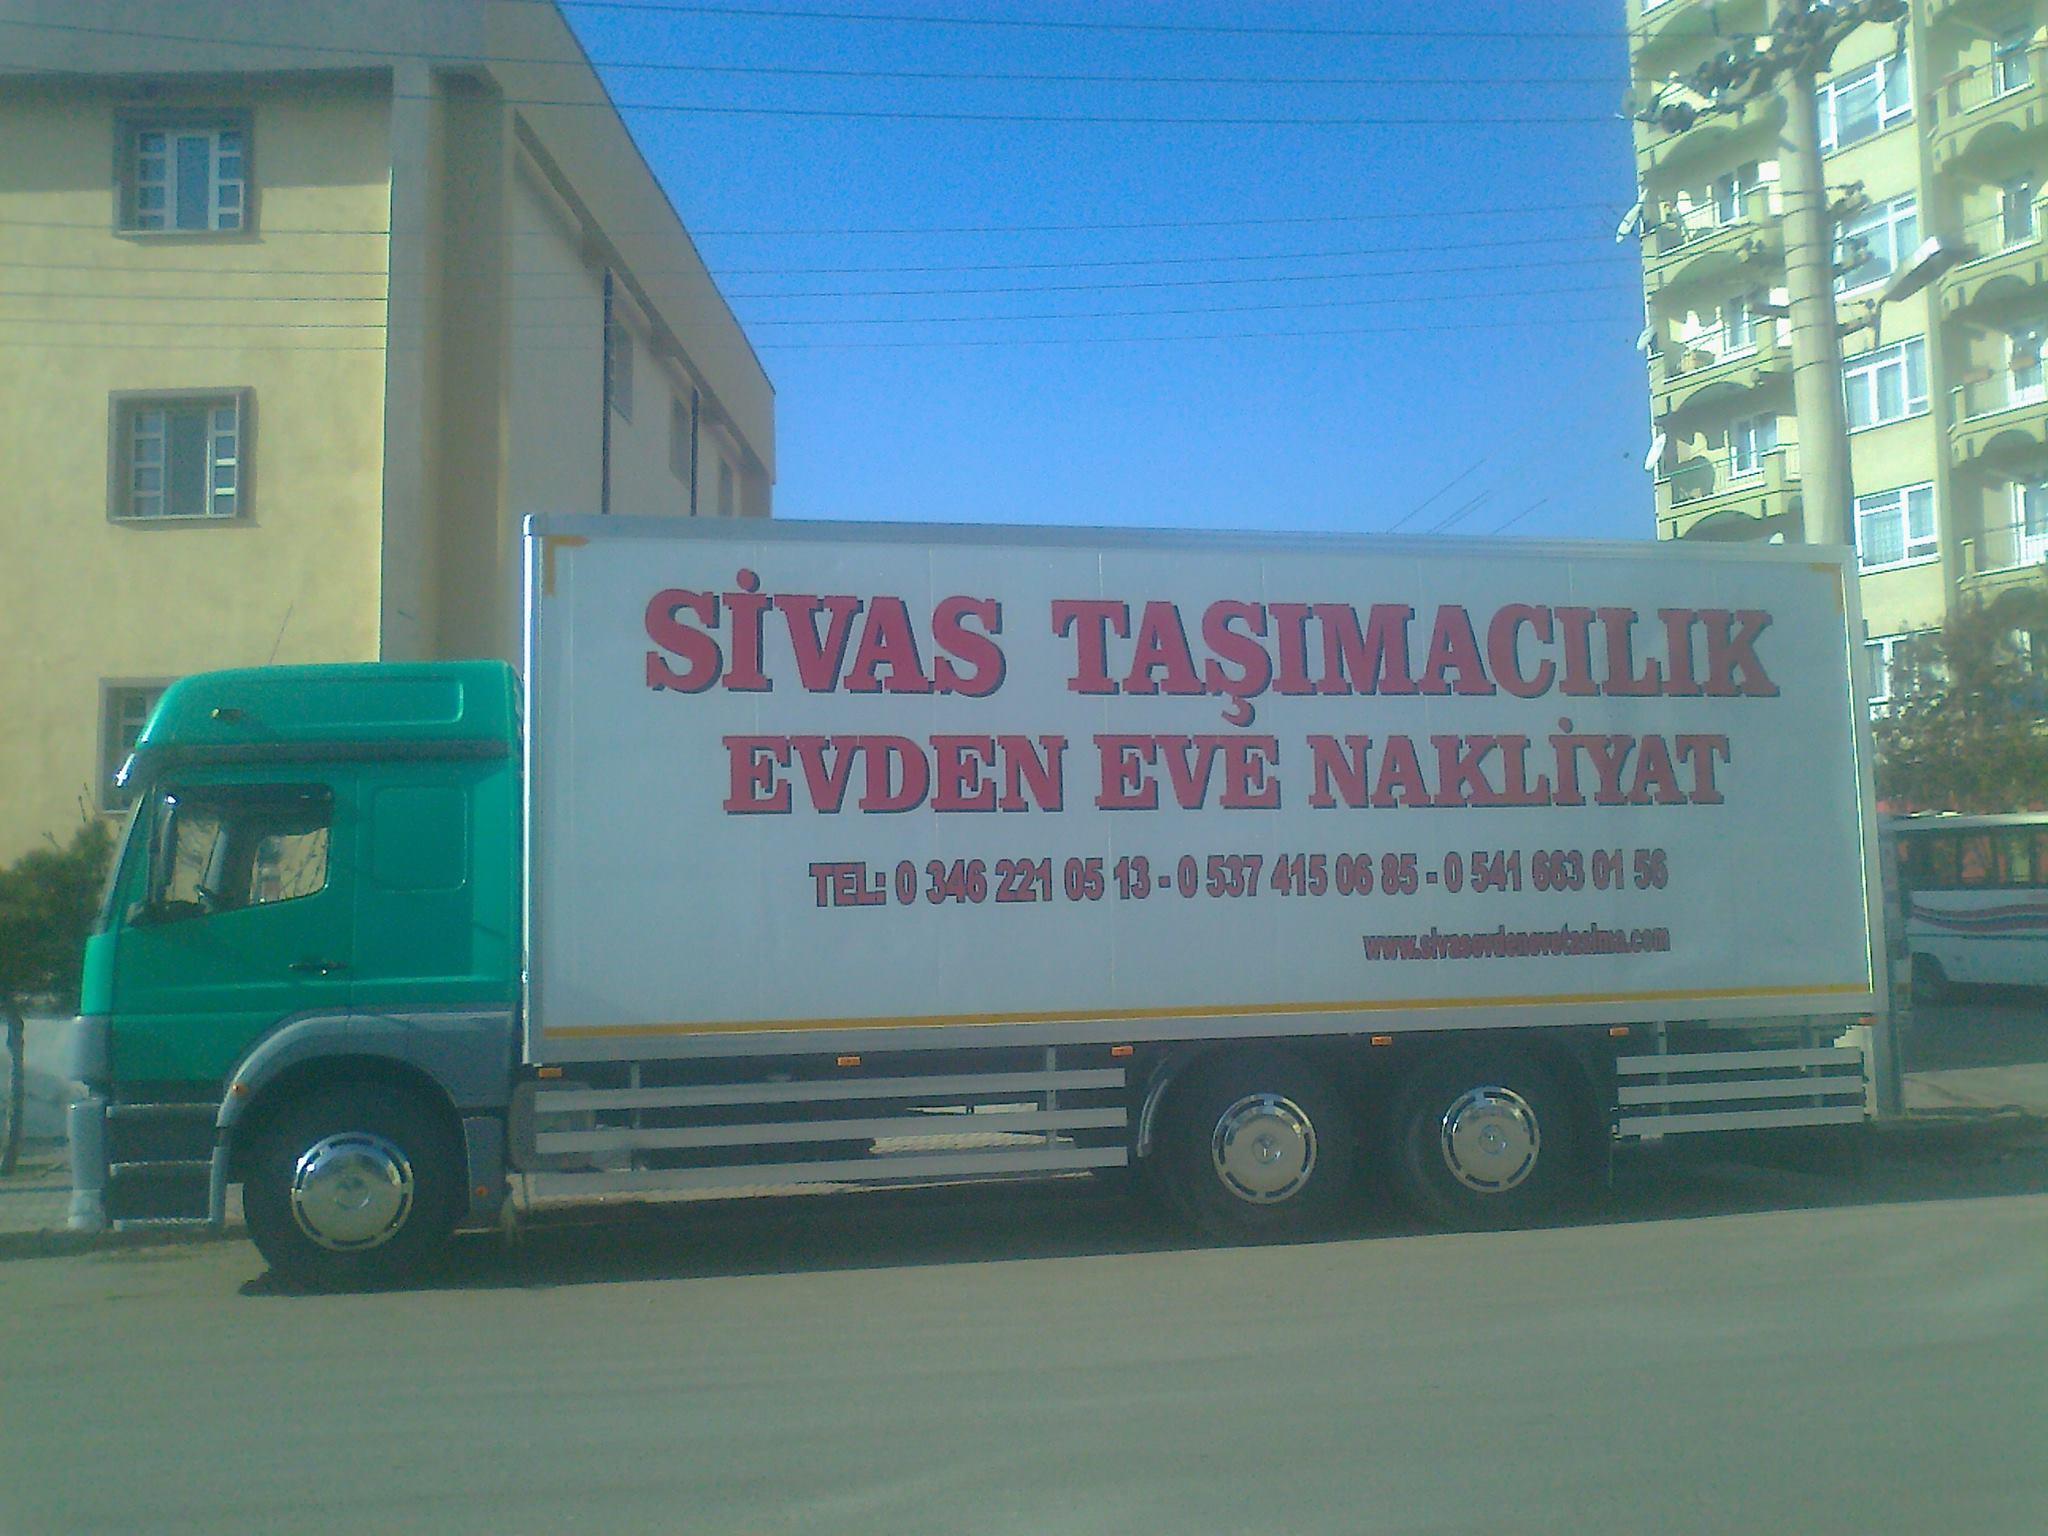 Öz Sivas Asansörlü Evden Eve Taşımacılık